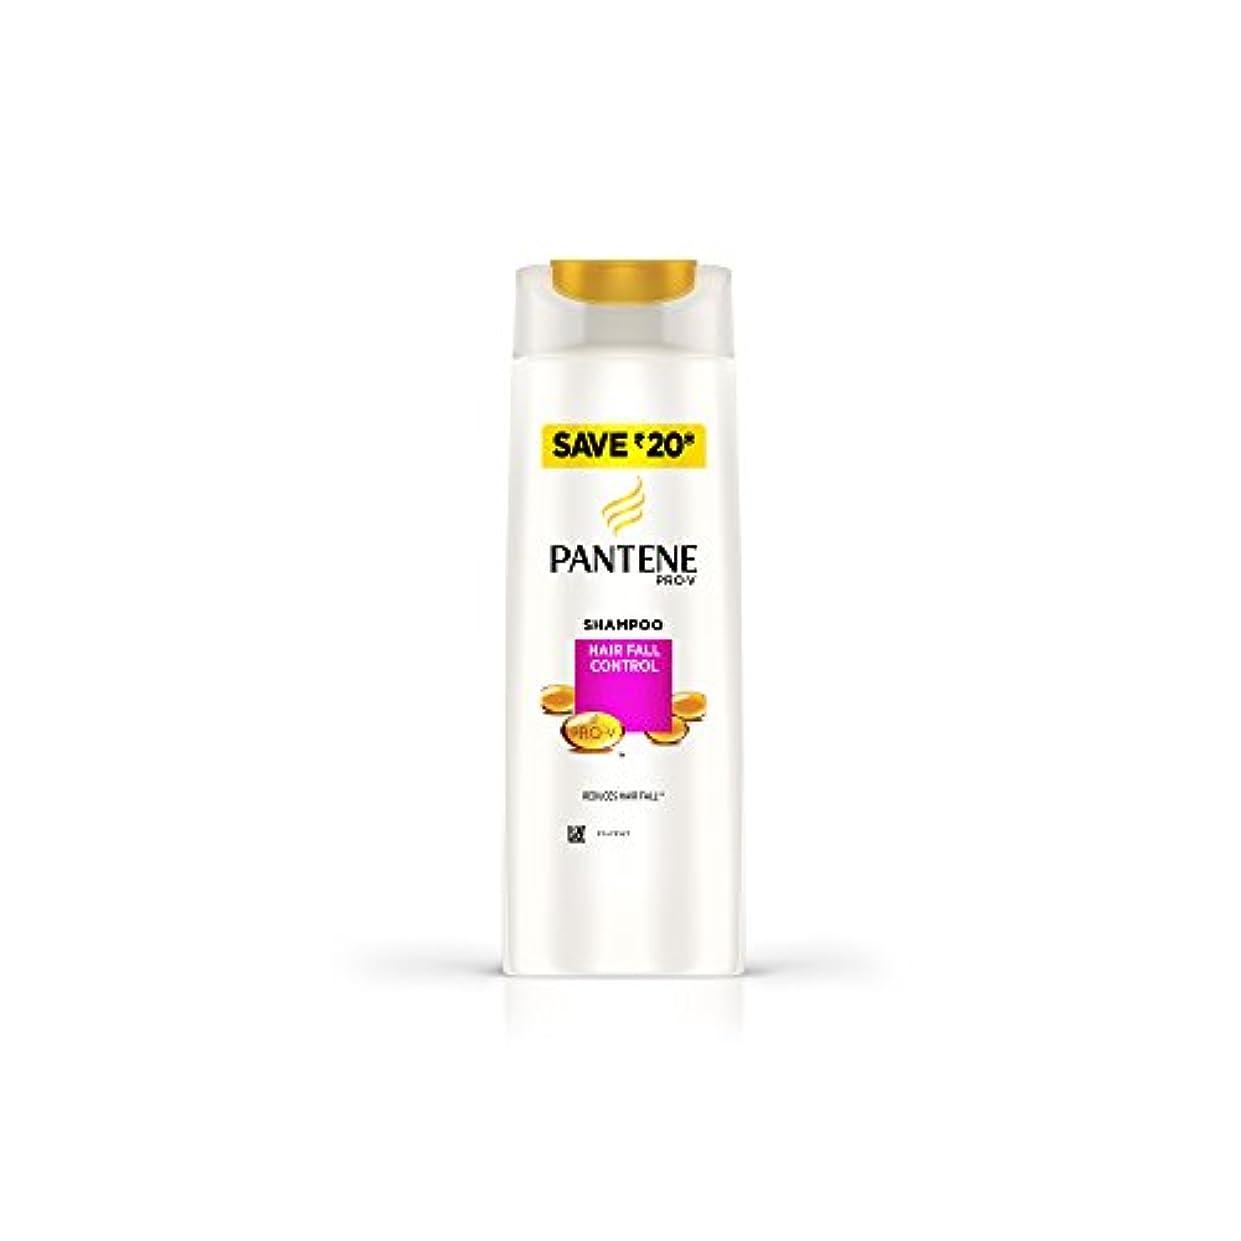 聖域湿原バンジージャンプPANTENE Hair Fall control SHAMPOO 180 ml (PANTENEヘアフォールコントロールシャンプー180ml)